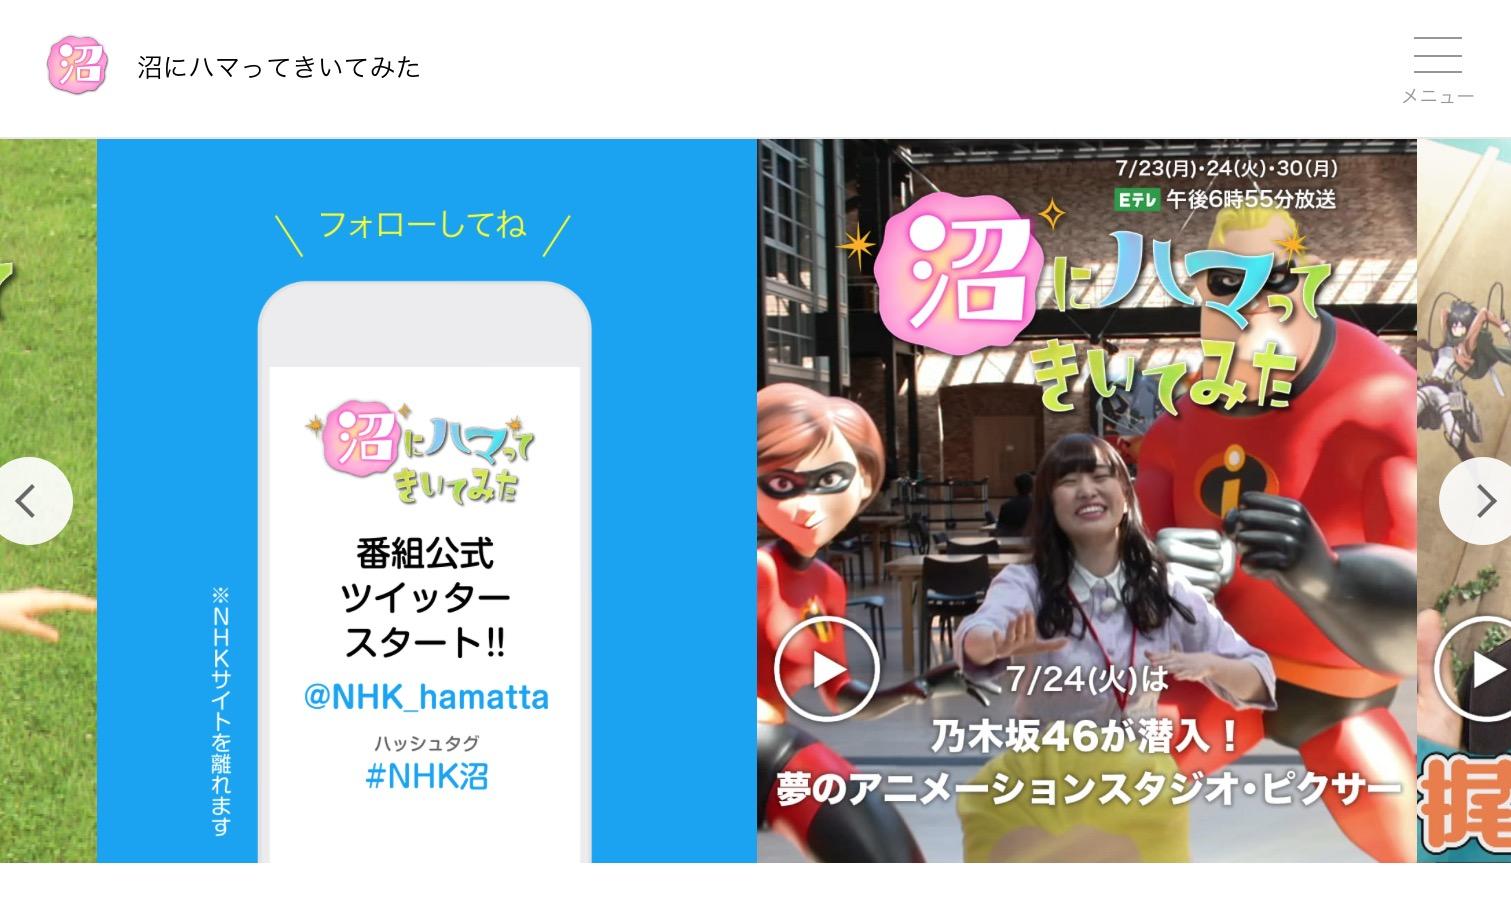 NHK Eテレ「沼にハマってきいてみた」